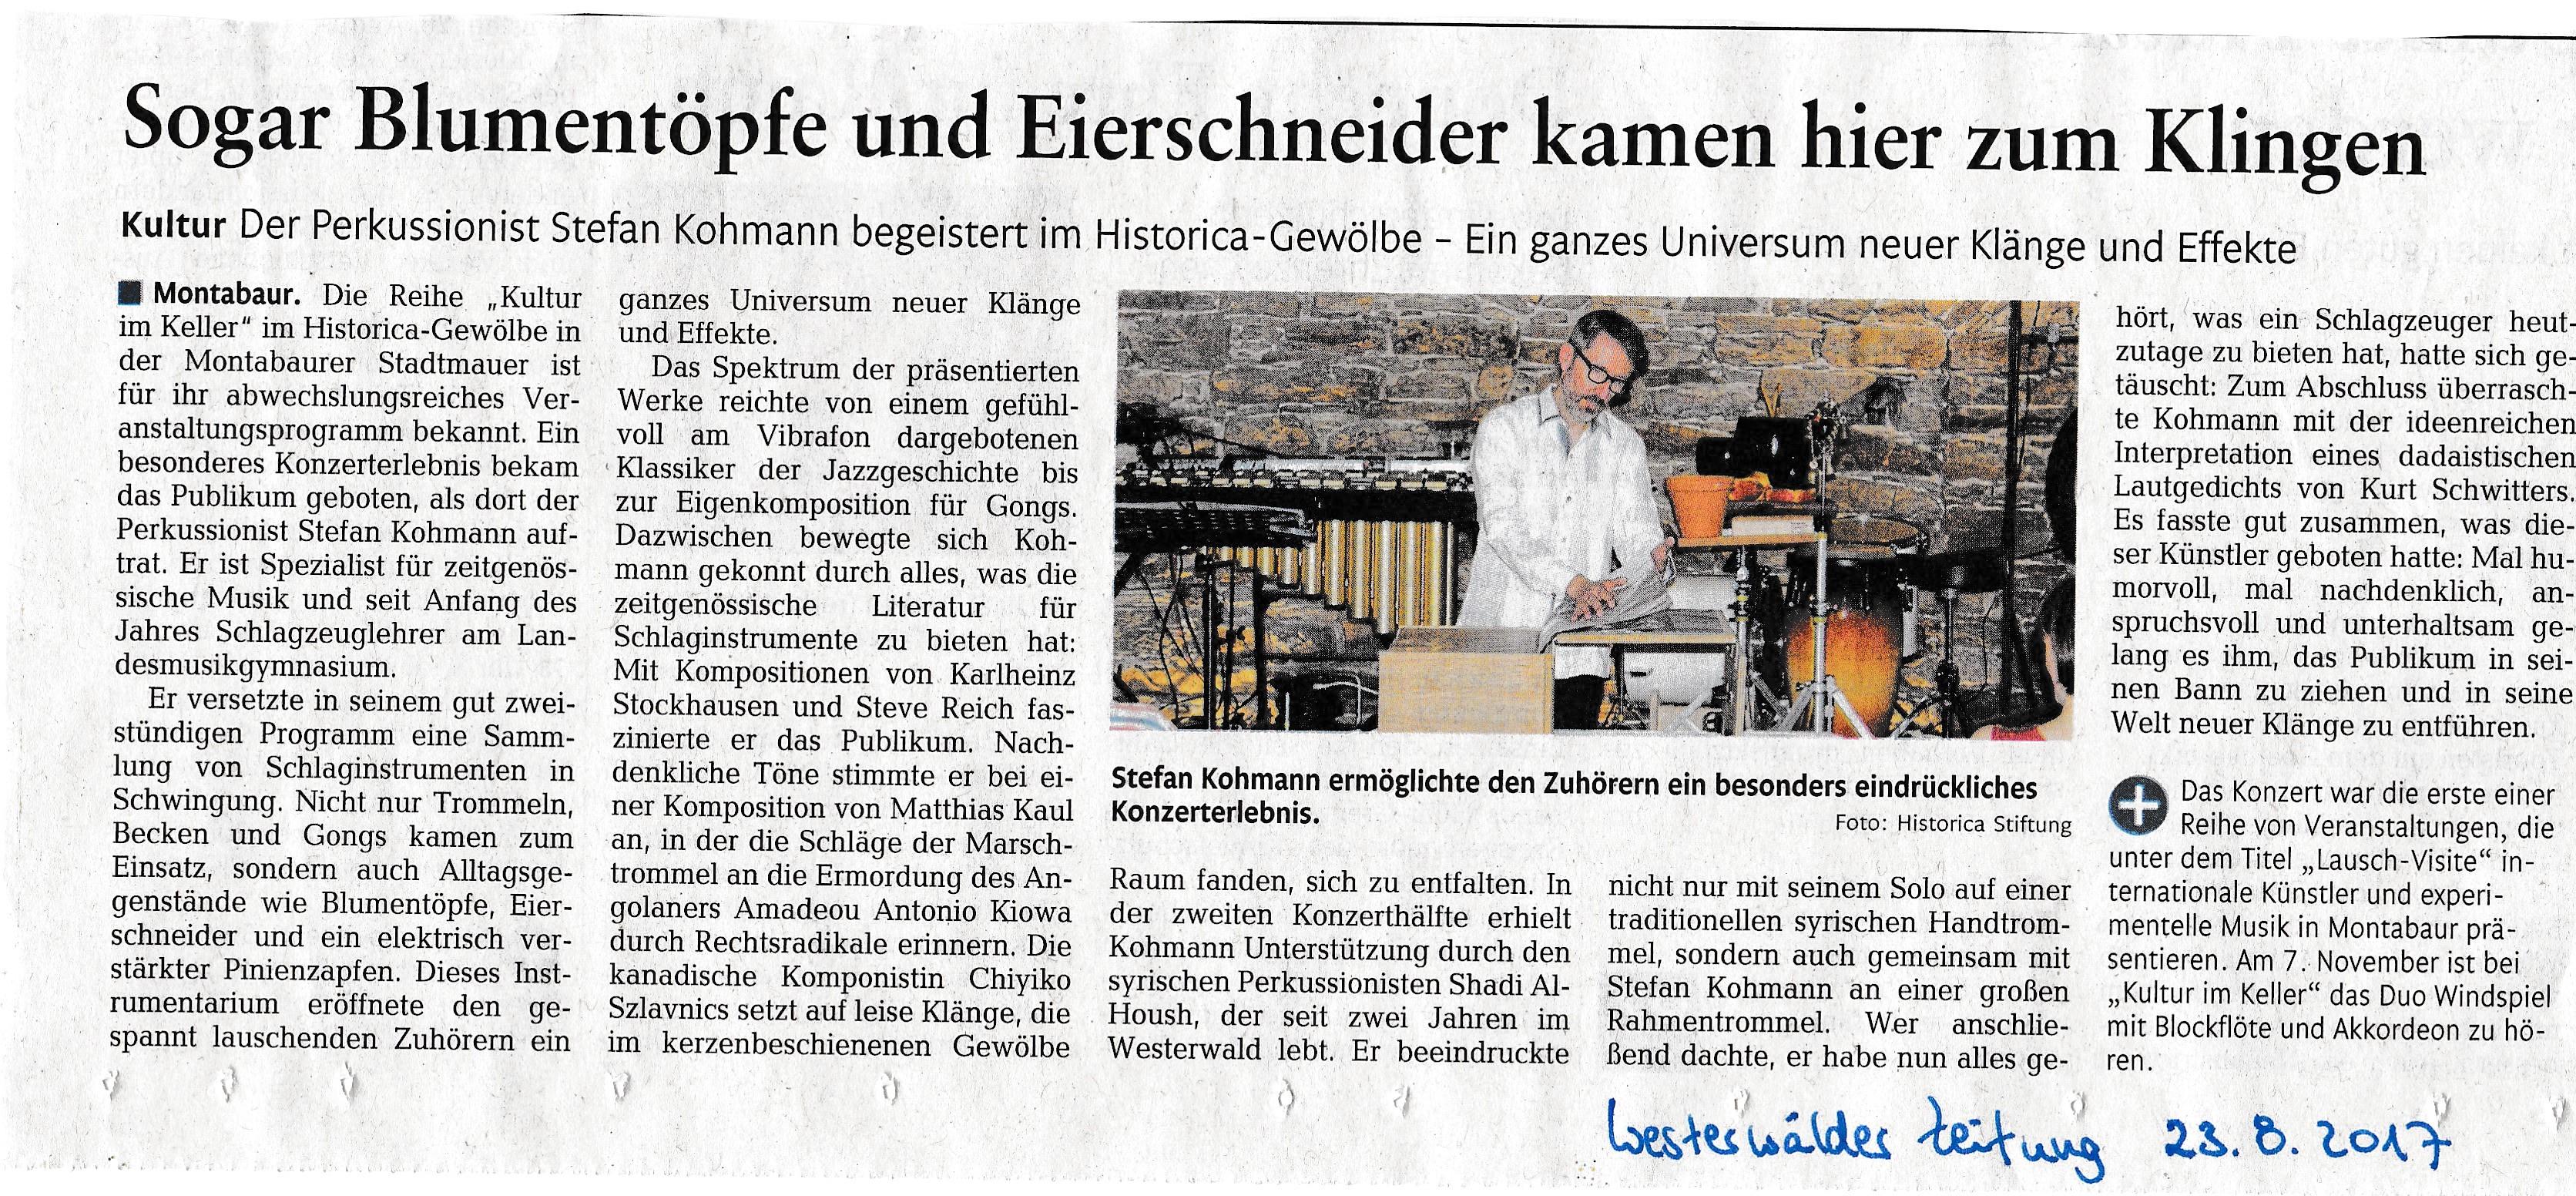 Lausch-Visite 1 WW Zeitung 23.08.17 Kopie